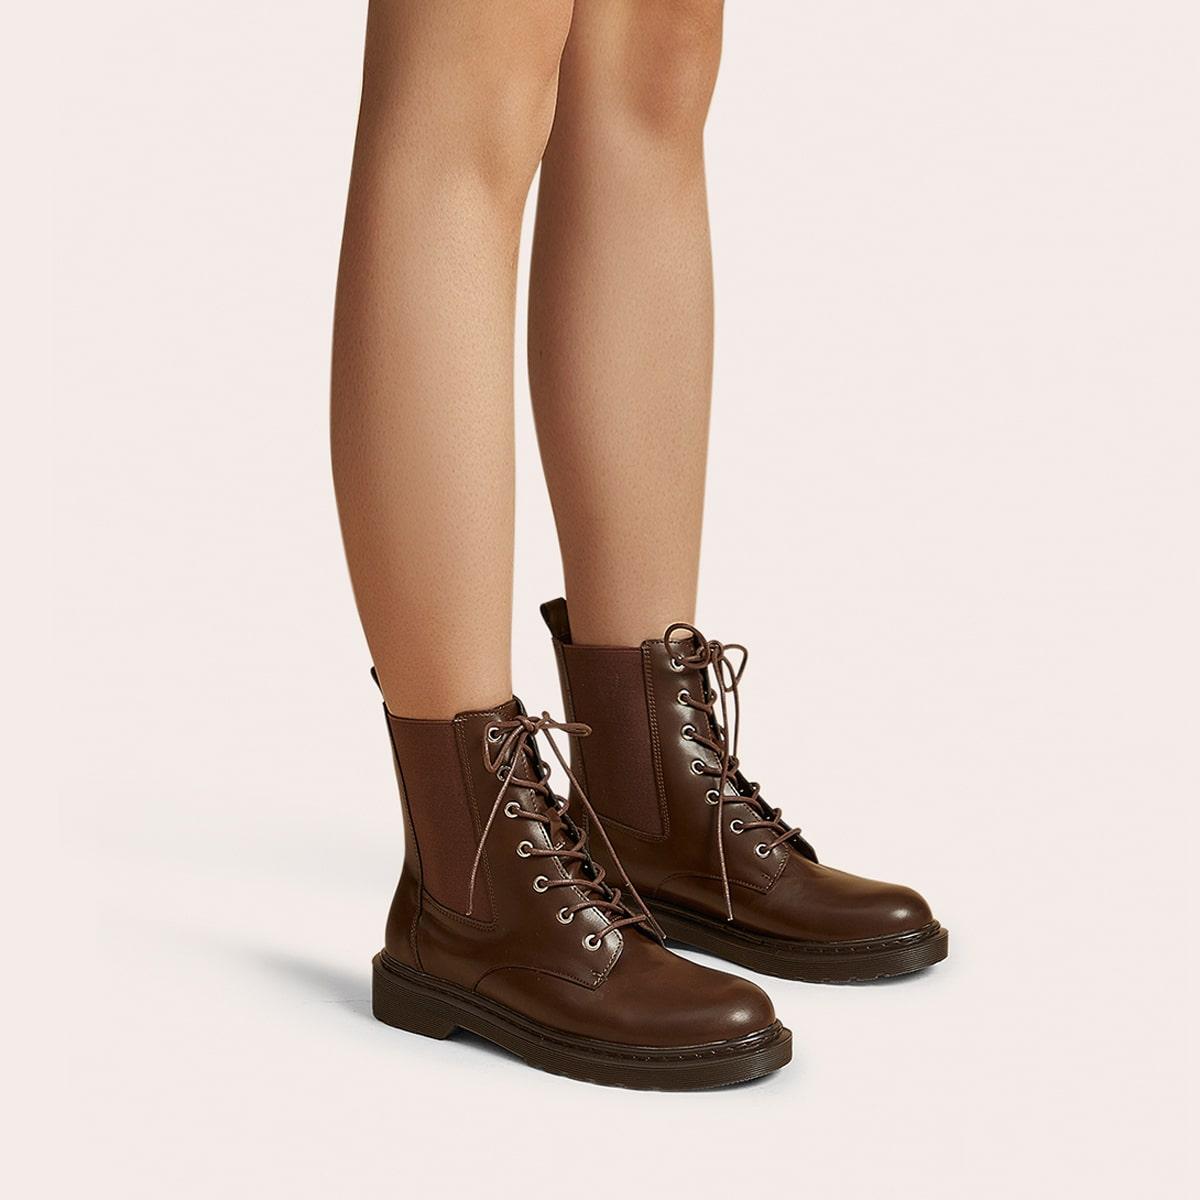 SHEIN / Minimalistische Chelsea Stiefel zum Schnüren